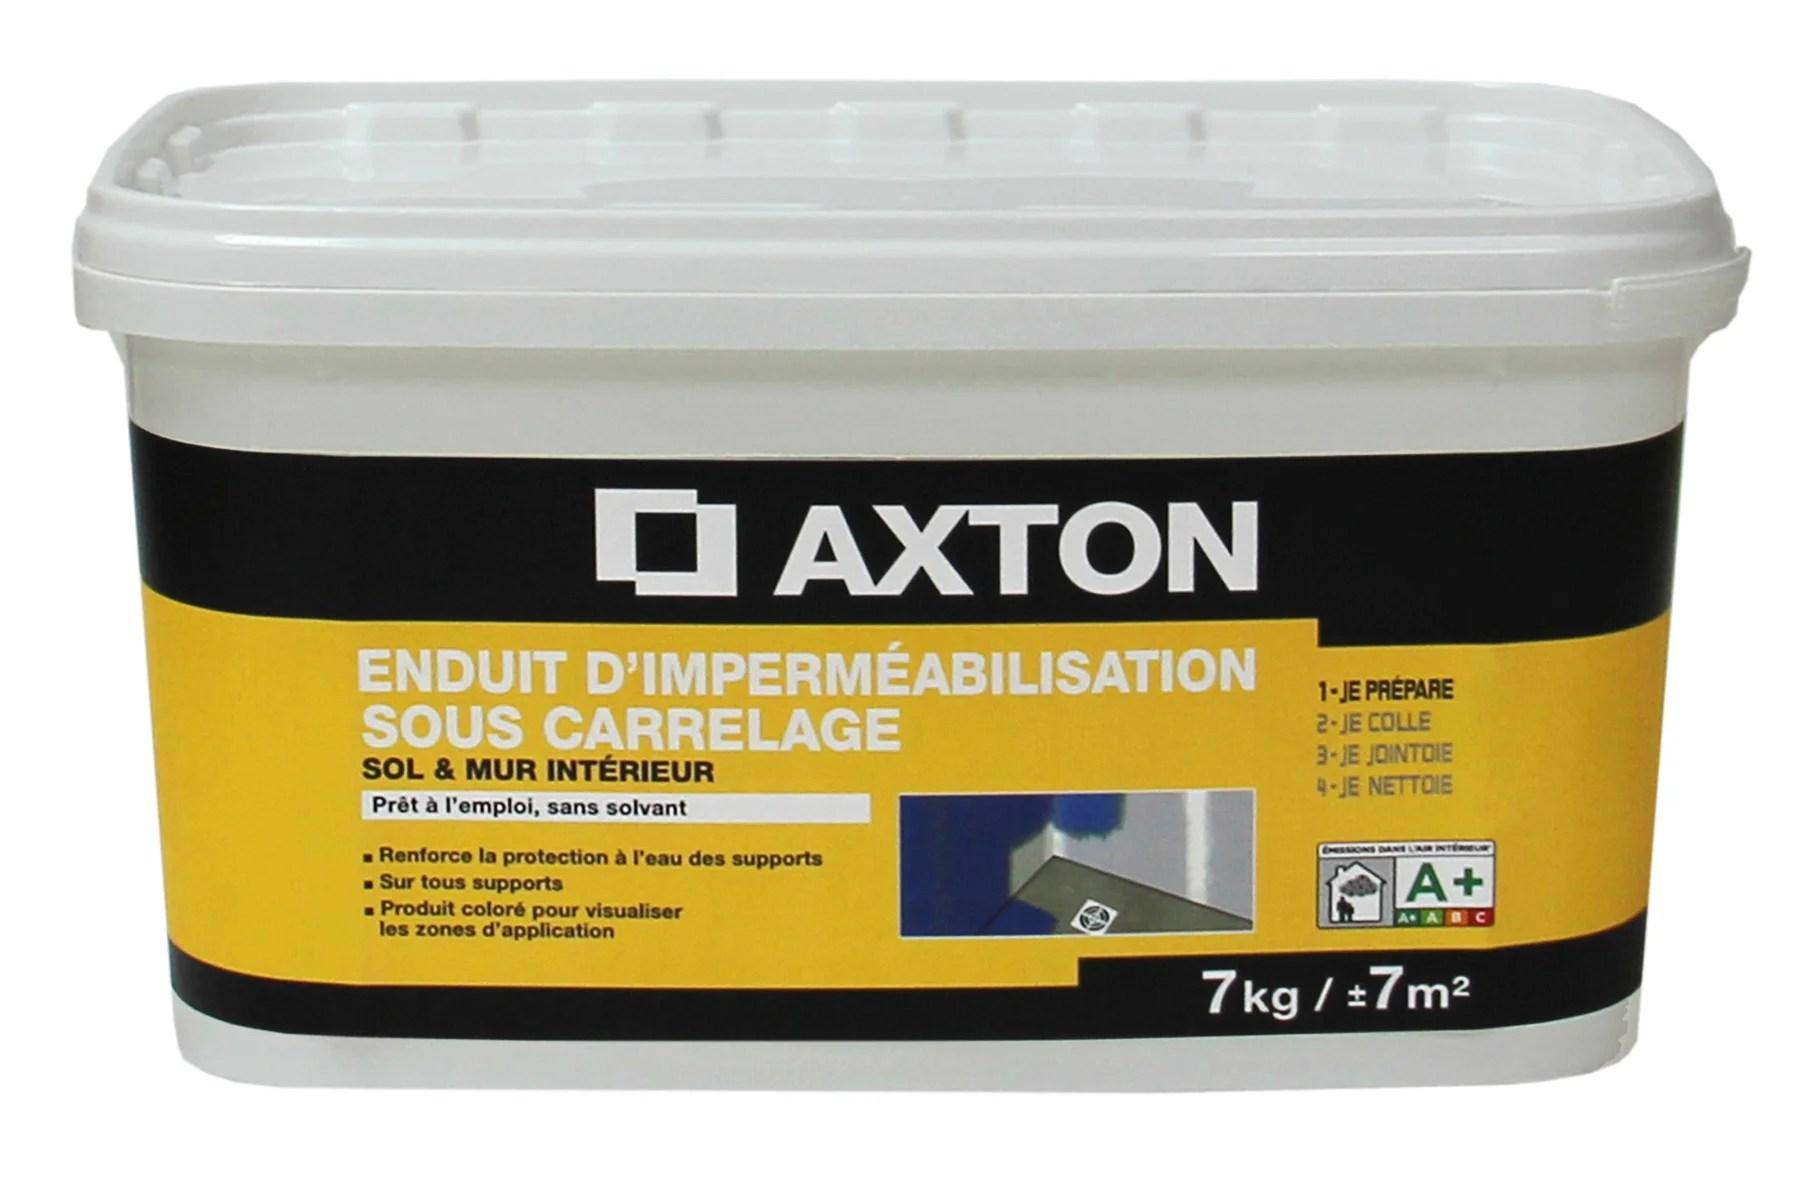 enduit d impermeabilisation axton 7 kg